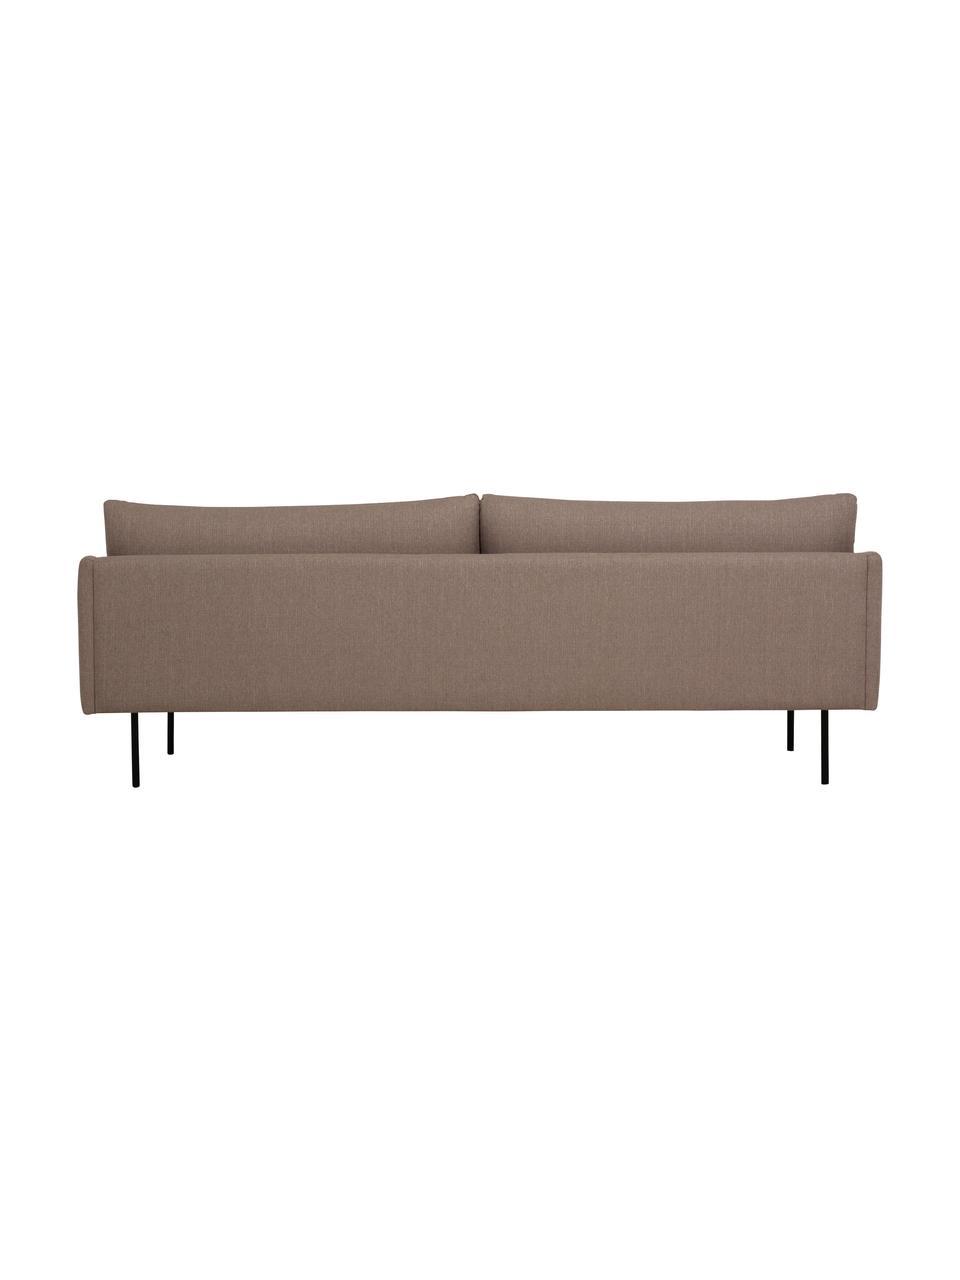 Sofa Moby (3-Sitzer) in Taupe mit Metall-Füßen, Bezug: Polyester Der hochwertige, Gestell: Massives Kiefernholz, Füße: Metall, pulverbeschichtet, Webstoff Taupe, B 220 x T 95 cm